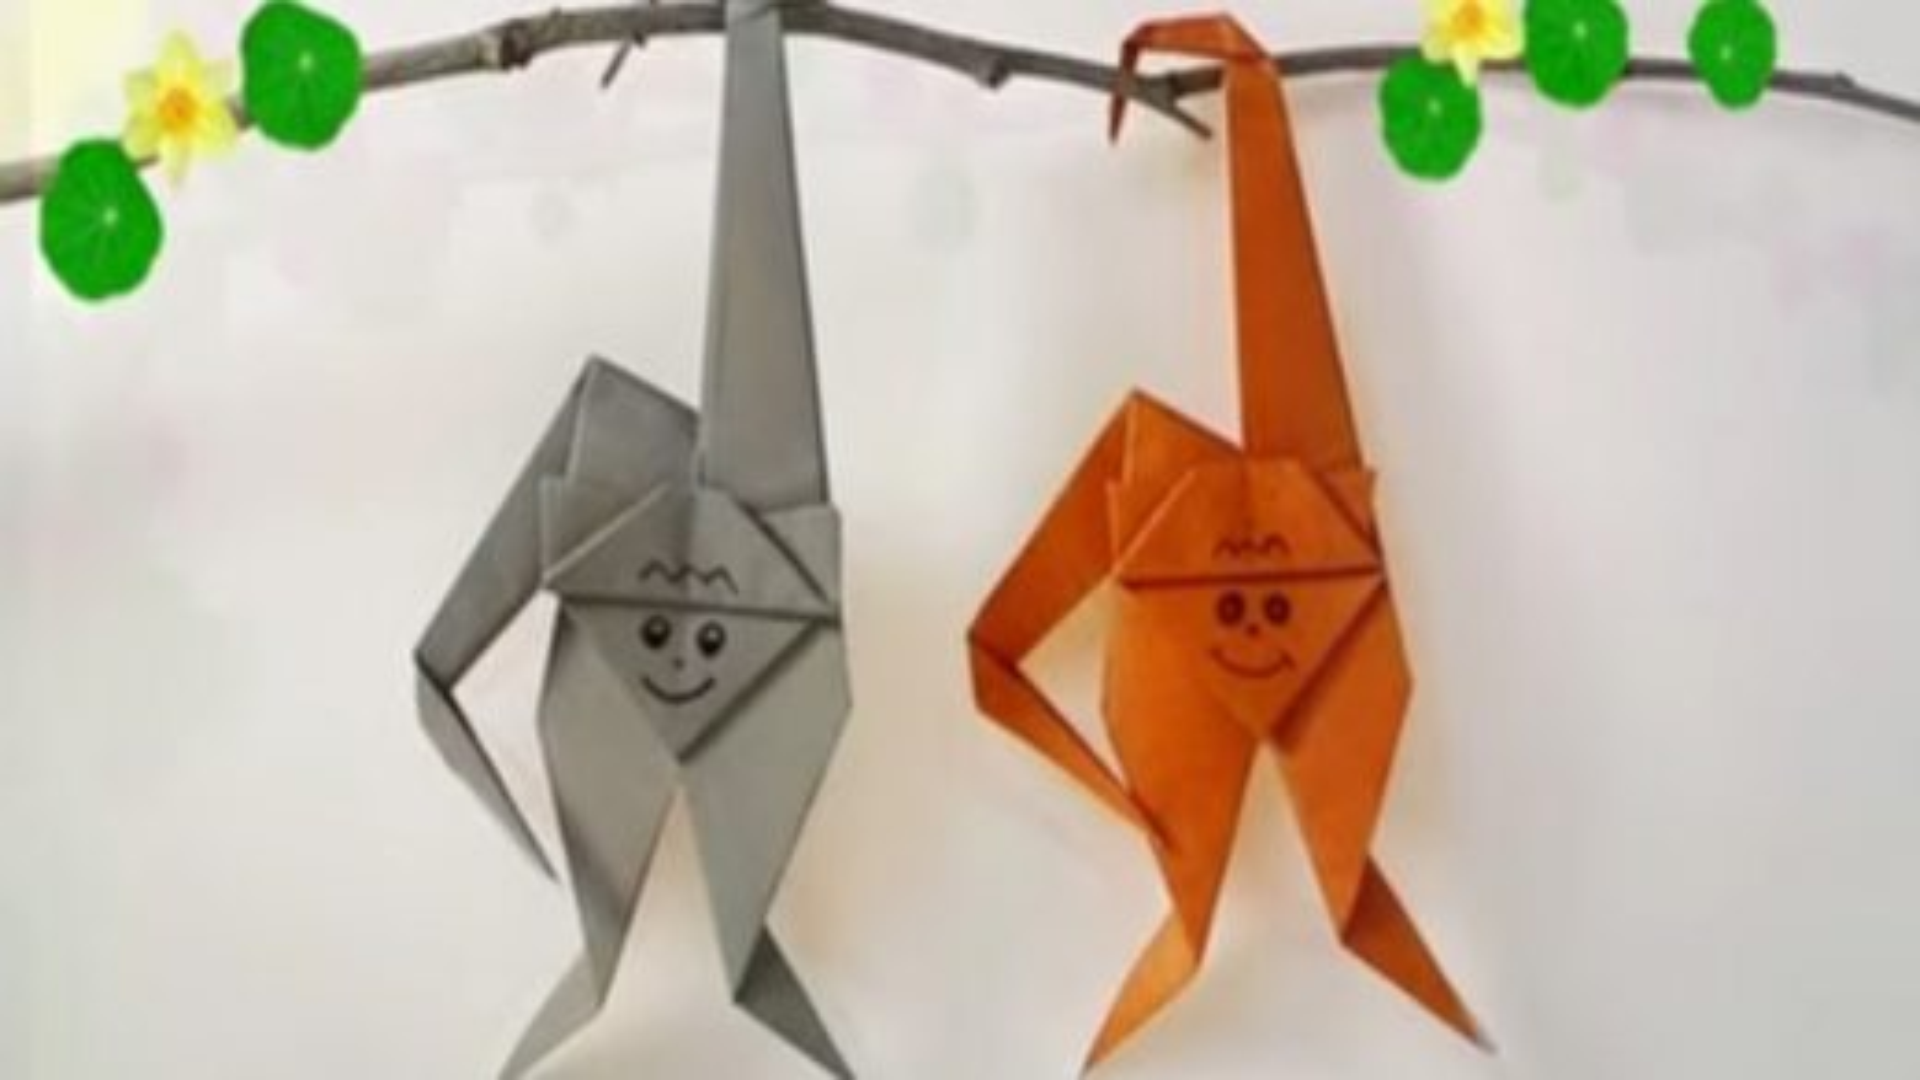 آموزش درست کردن میمون با کاغذ و تکنیک اوریگامی | فیلم